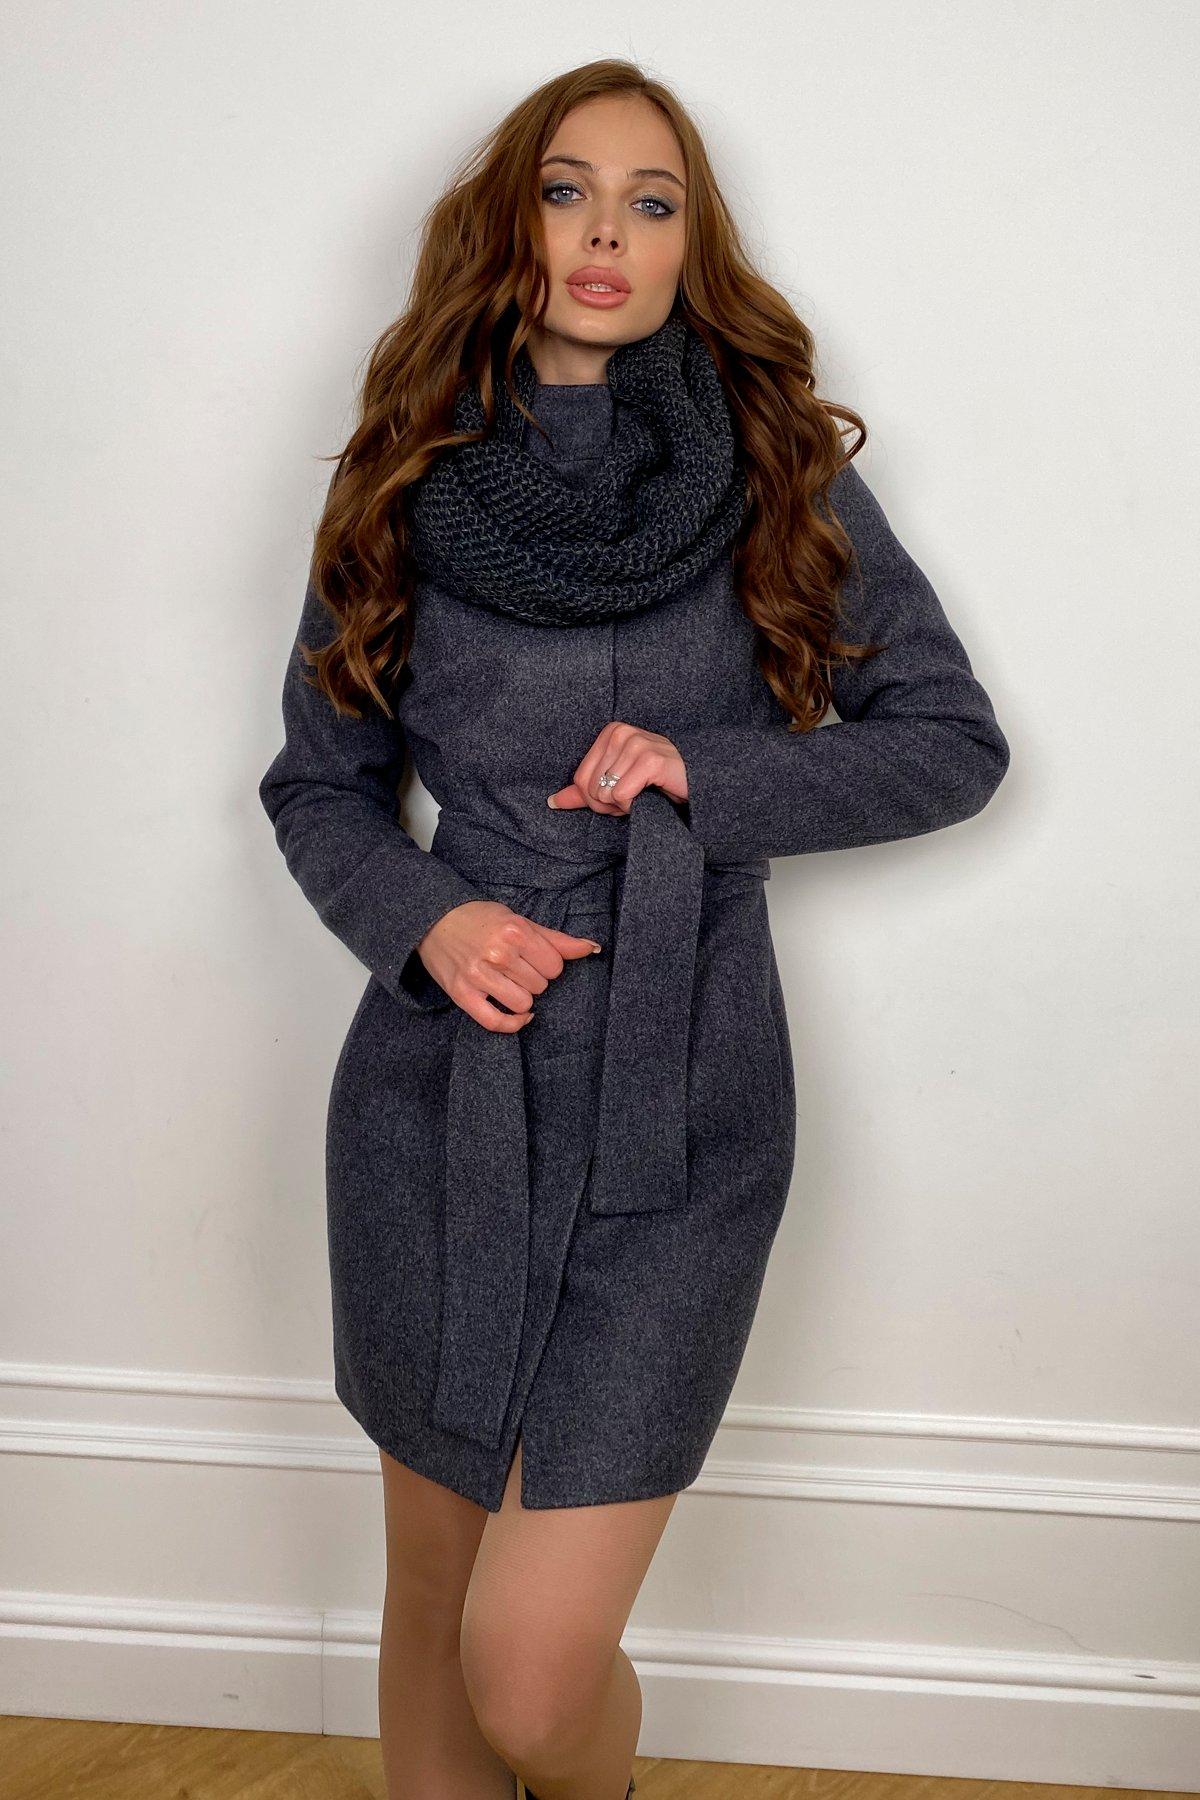 Пальто женское зимнее Габи 8295 с шарфом-трубой АРТ. 44407 Цвет: т. синий 543 - фото 3, интернет магазин tm-modus.ru